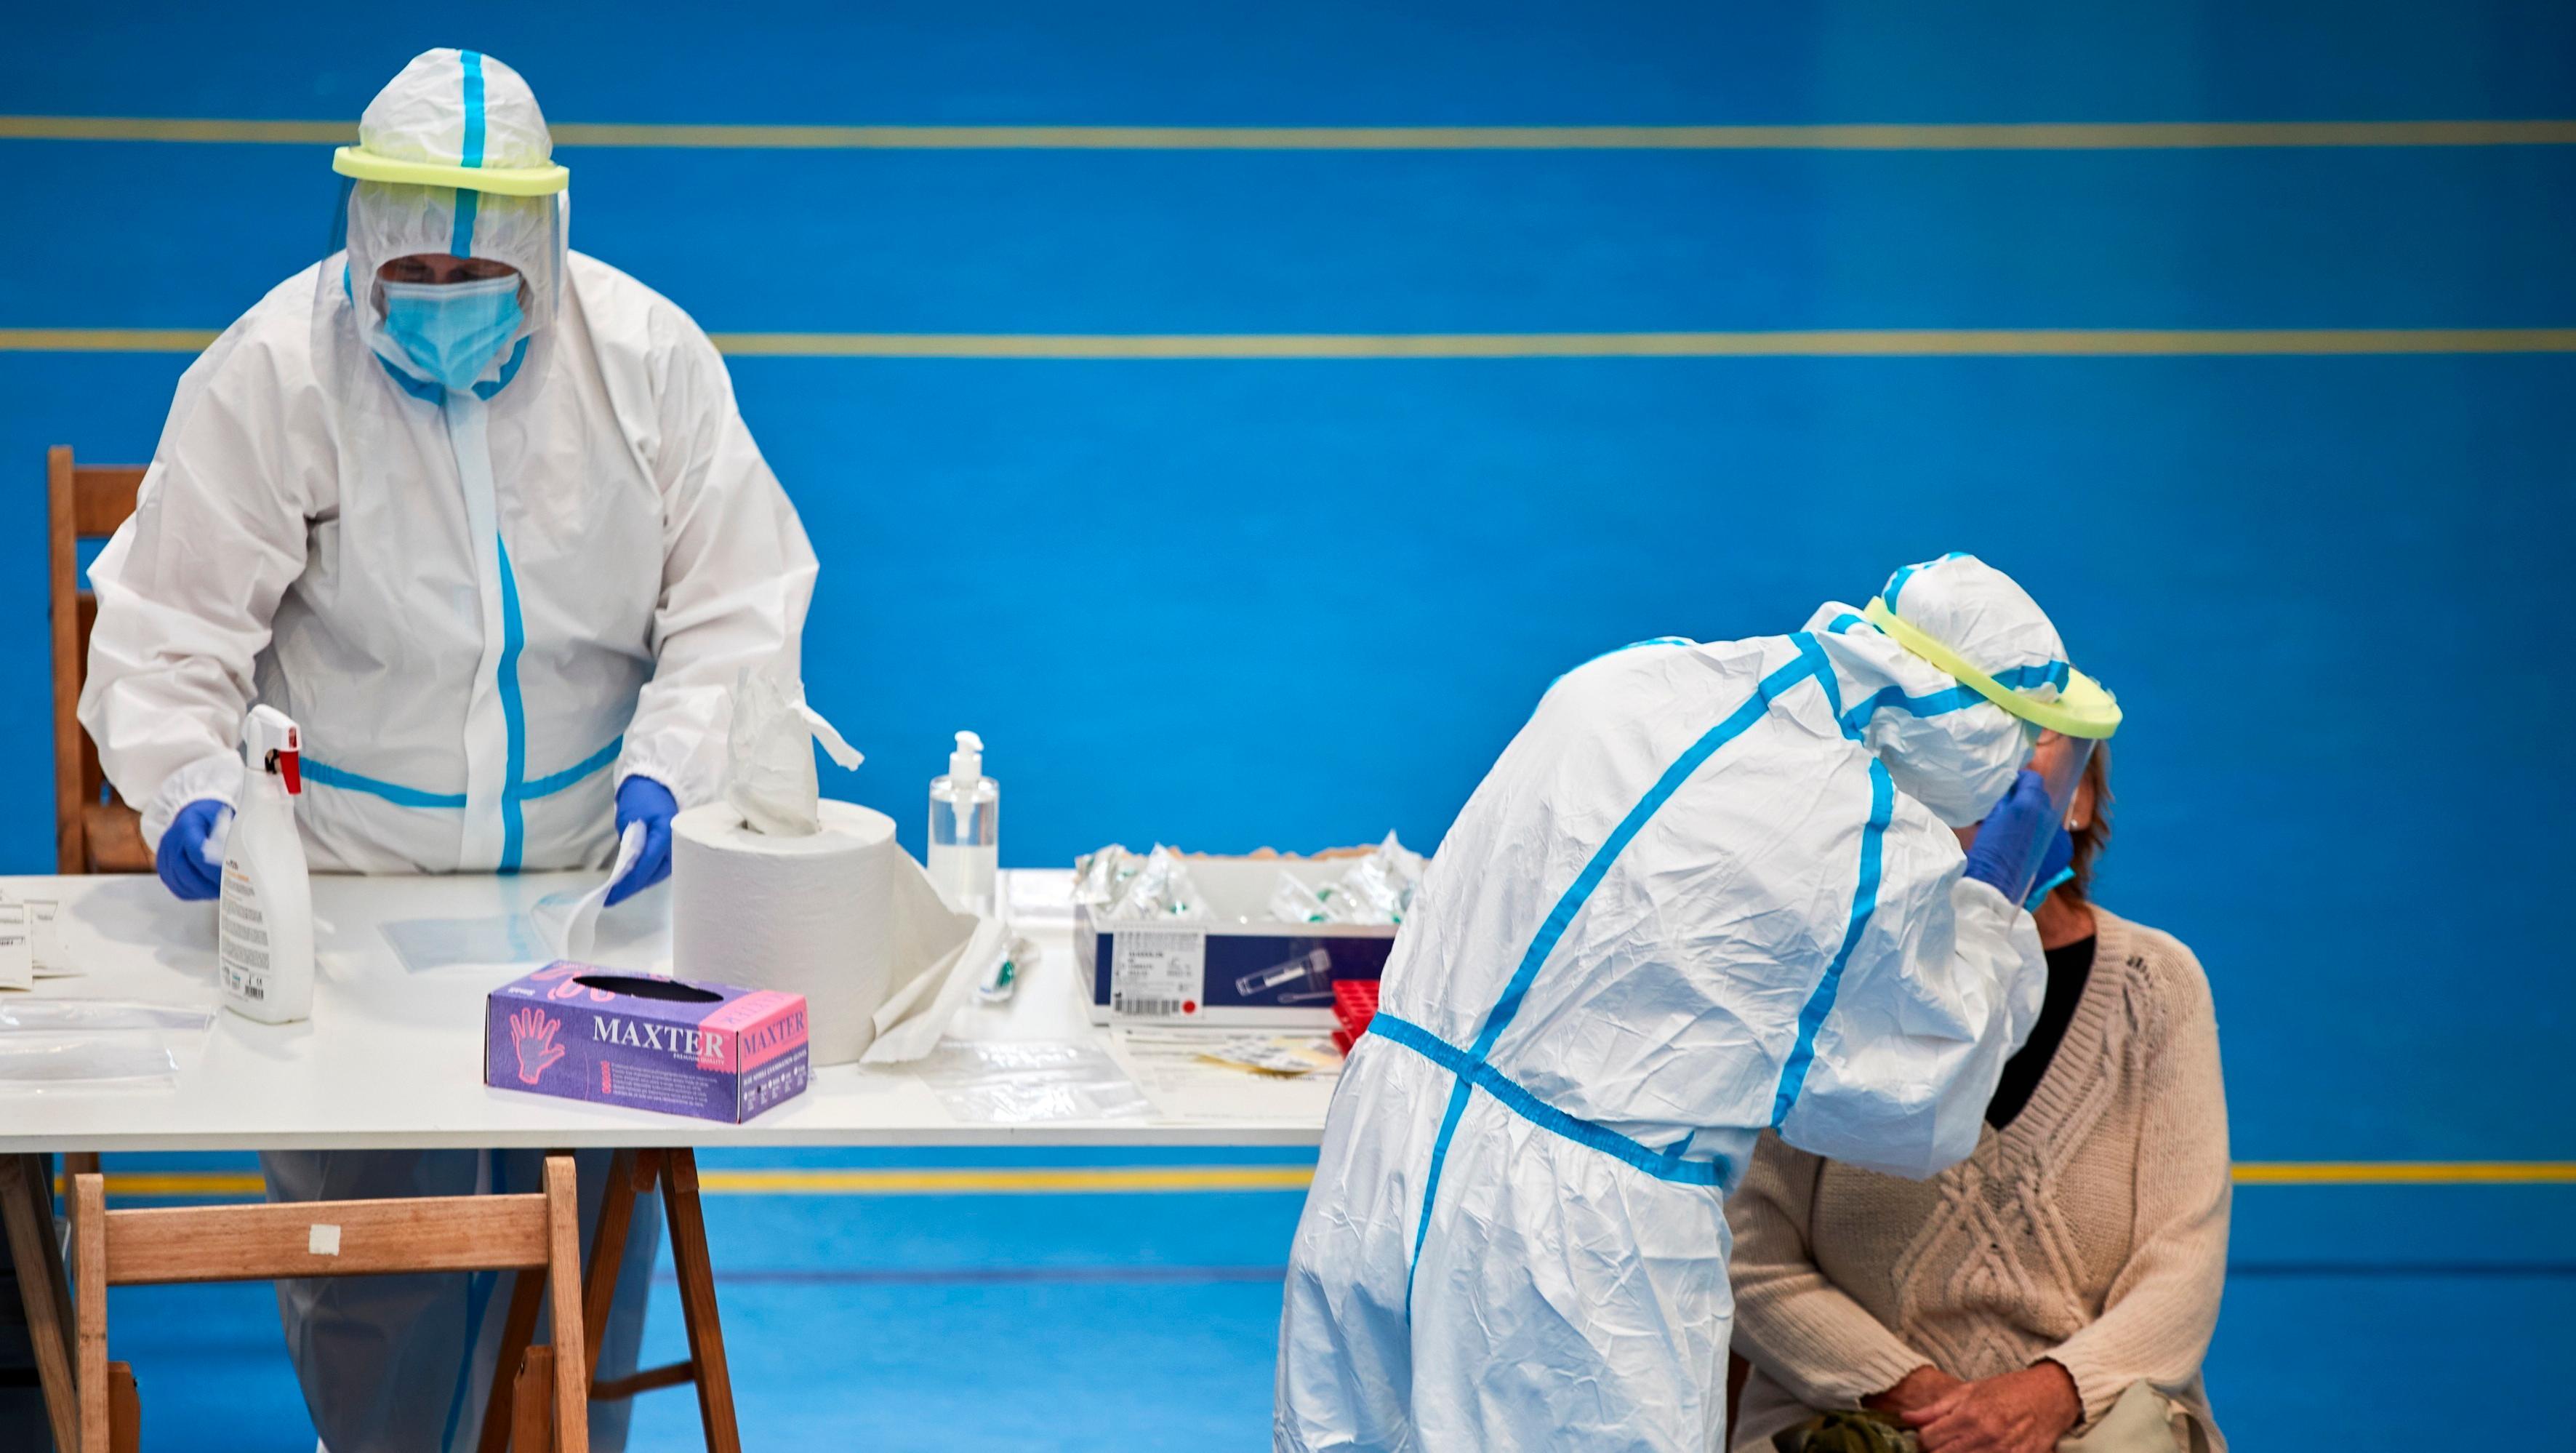 España seguía siendo el país europeo con mayor cantidad acumulada de infecciones.